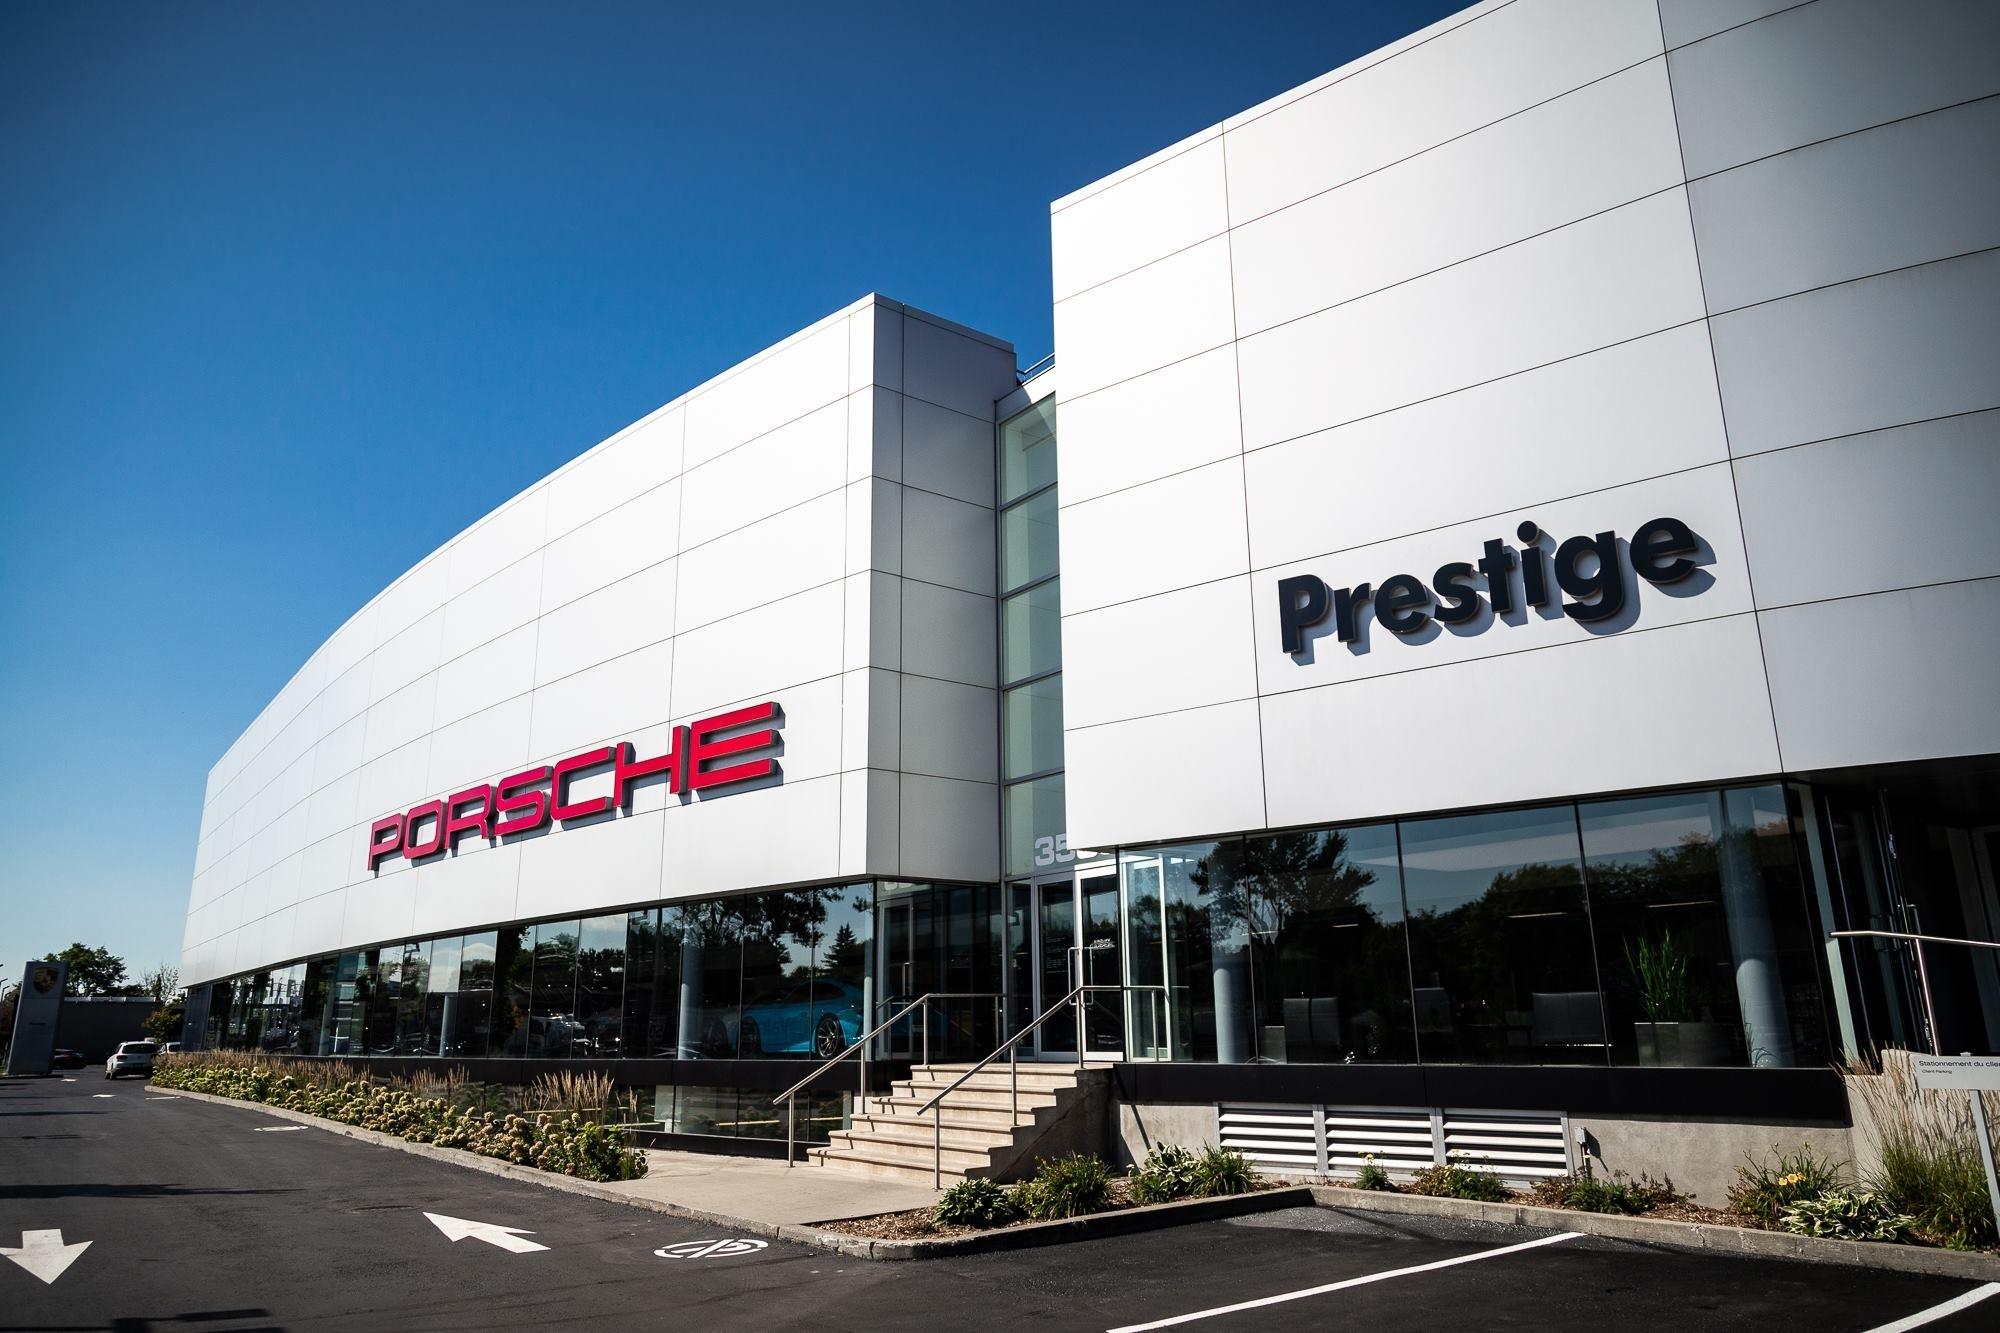 Porsche Prestige in Saint-Laurent